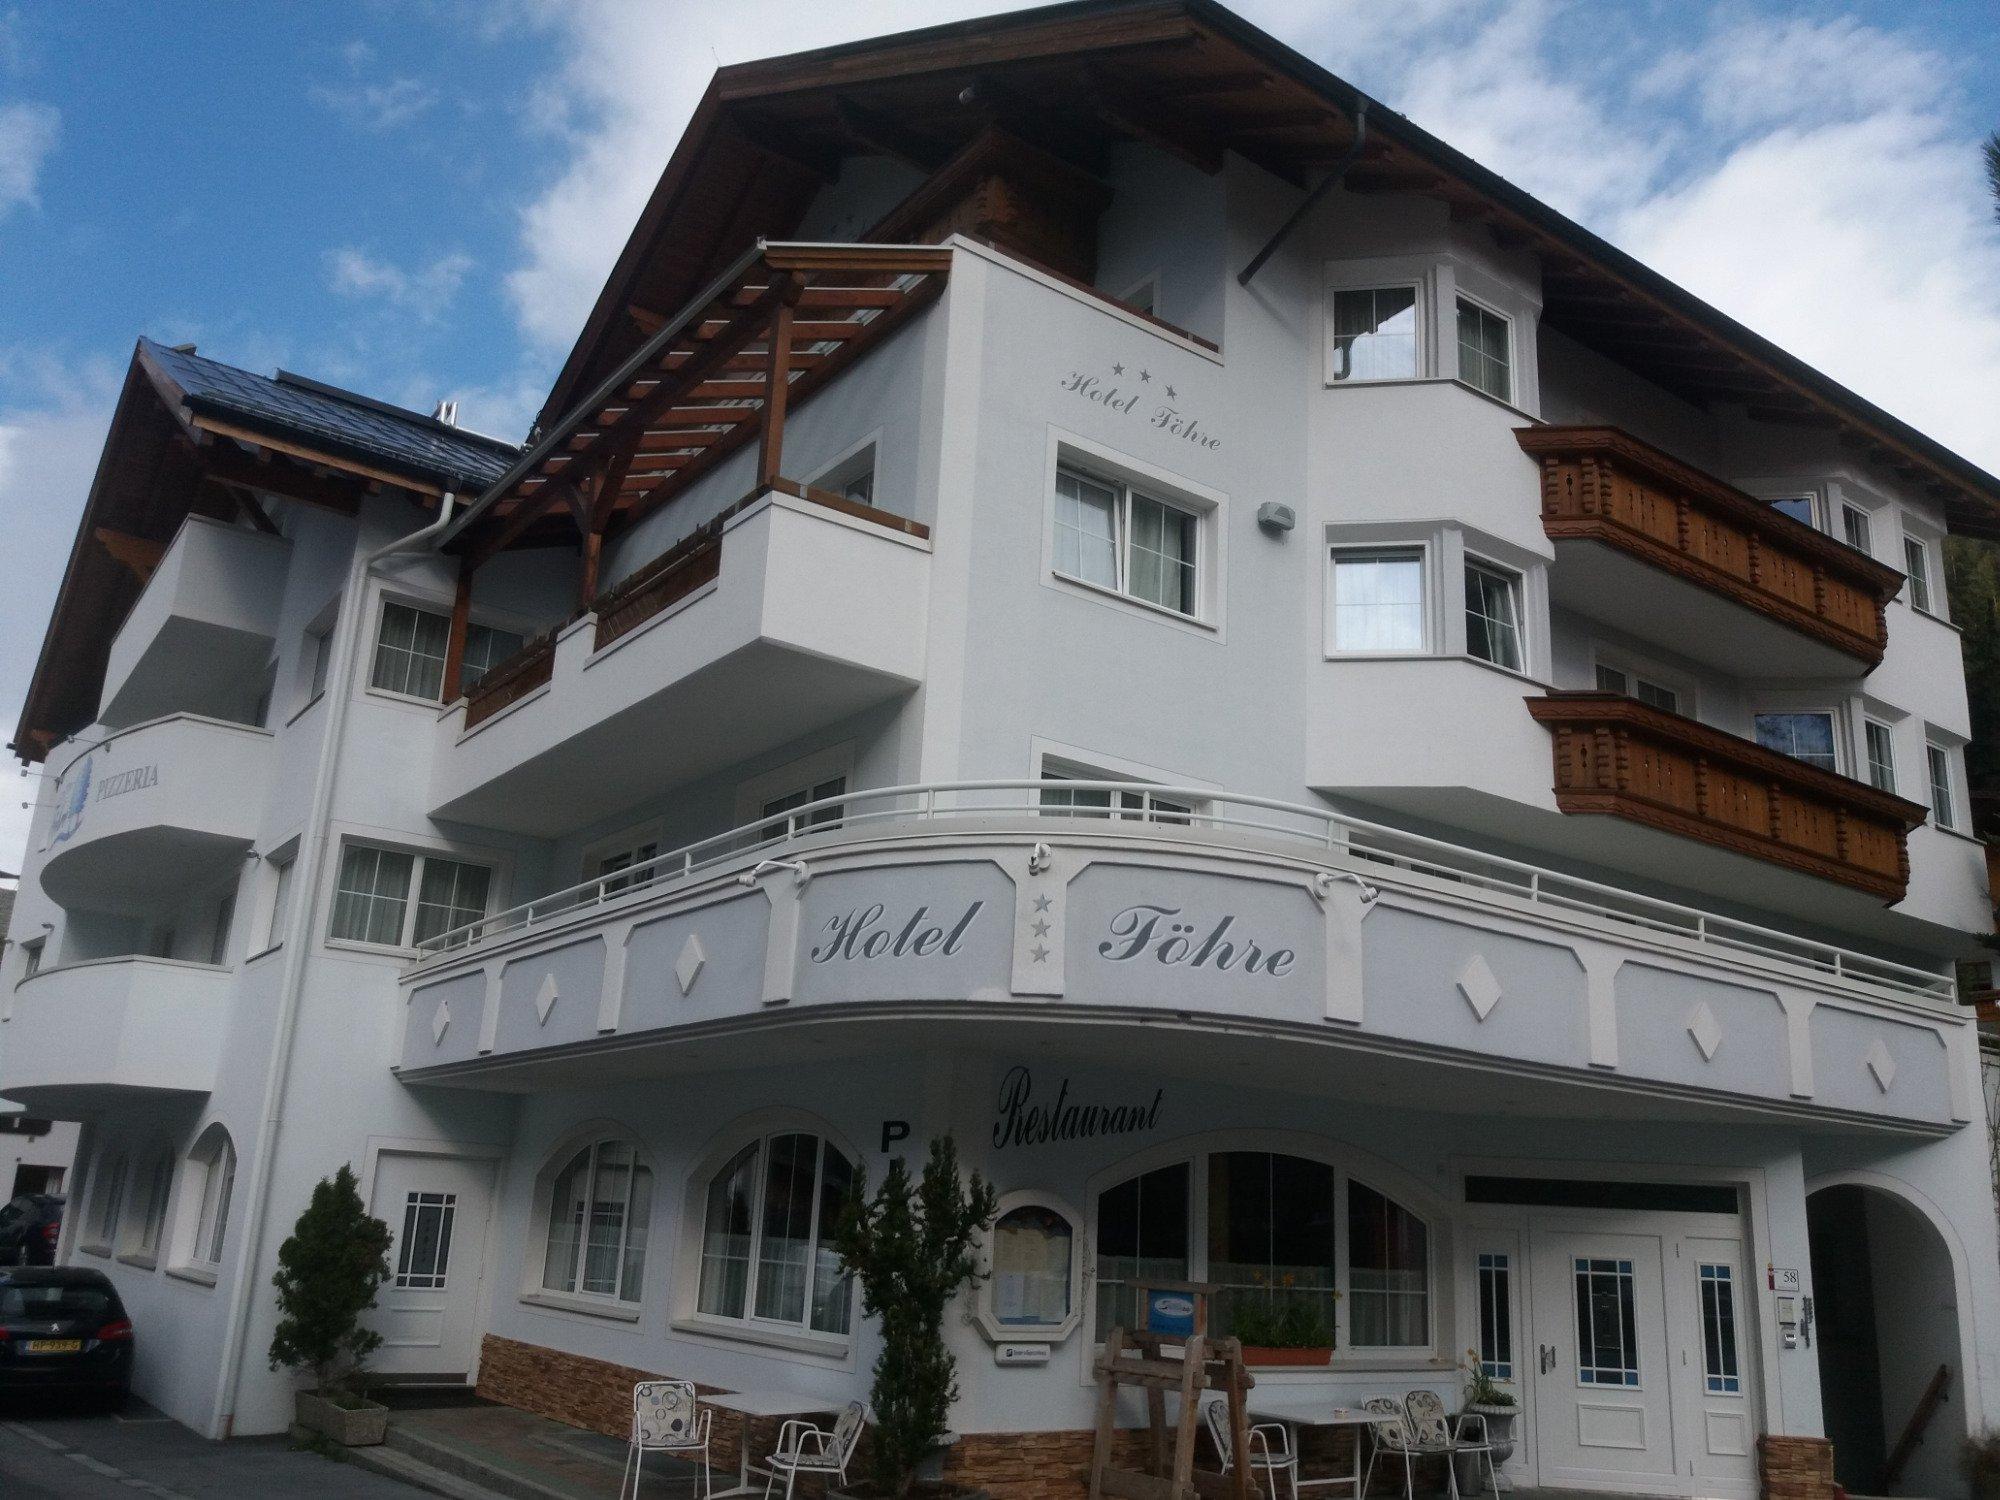 Hotel Foehre